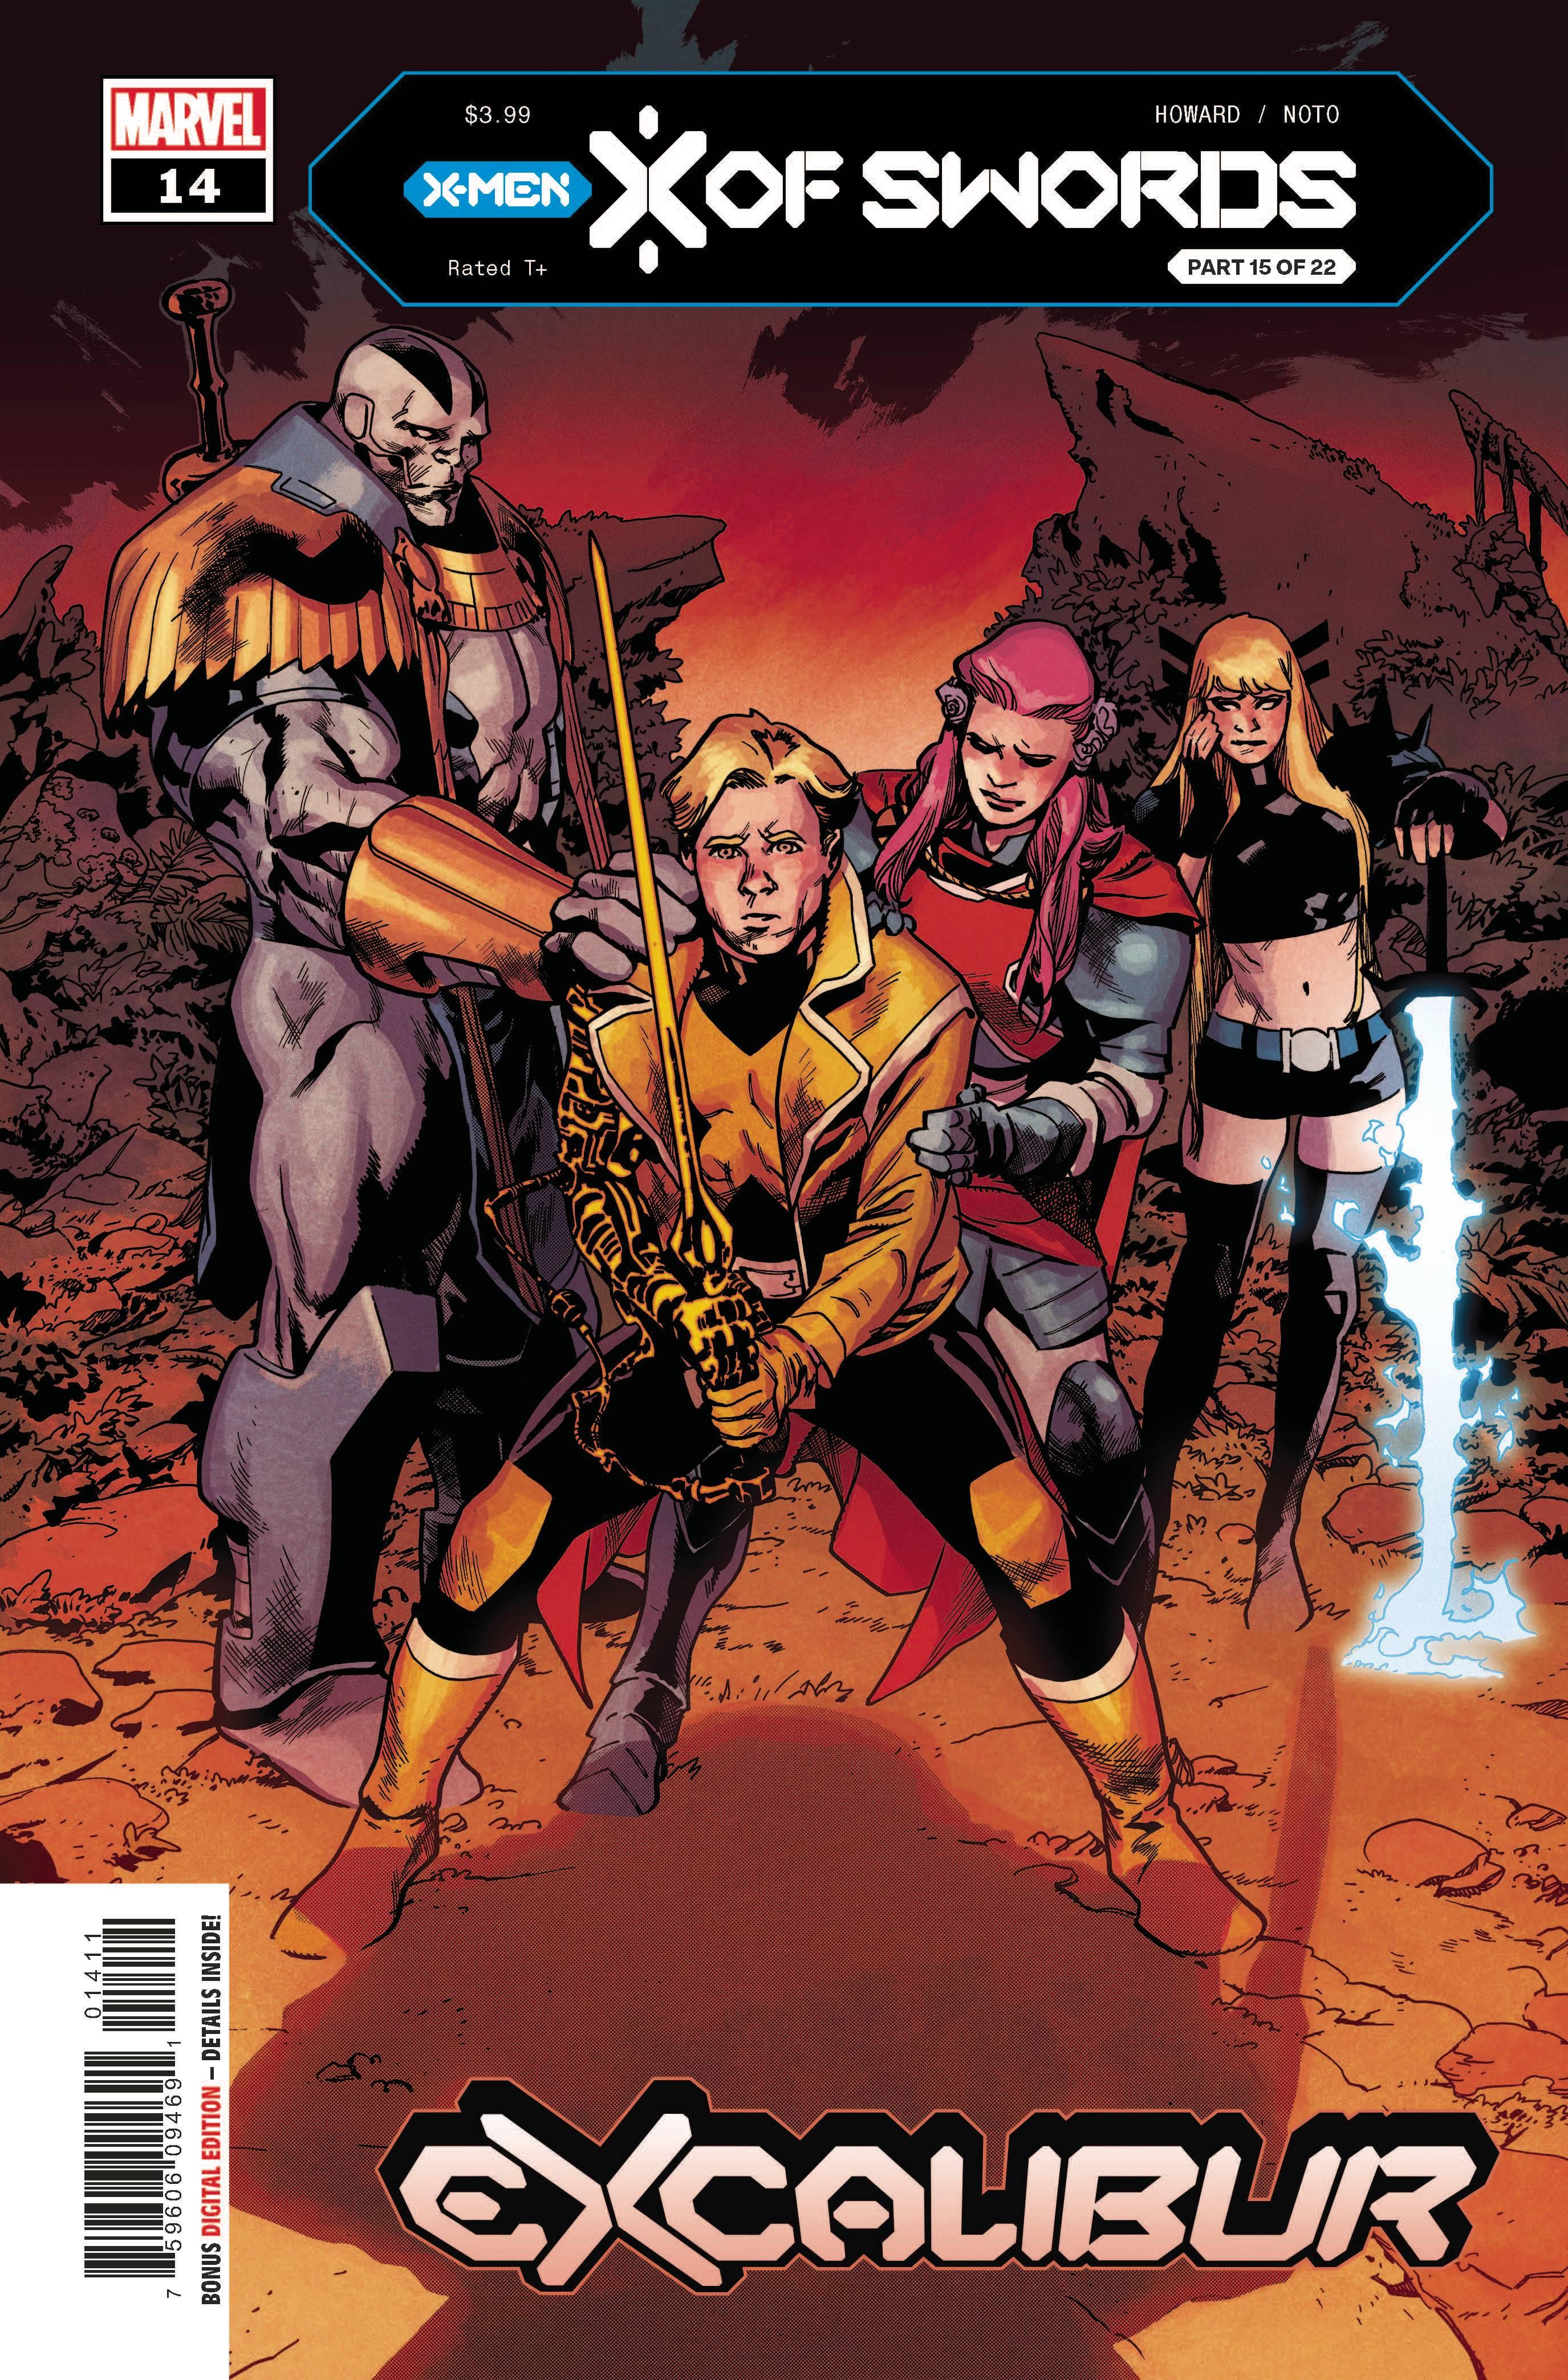 EXCALIBUR #14 - Marvel - Nov 2020 - Asrar